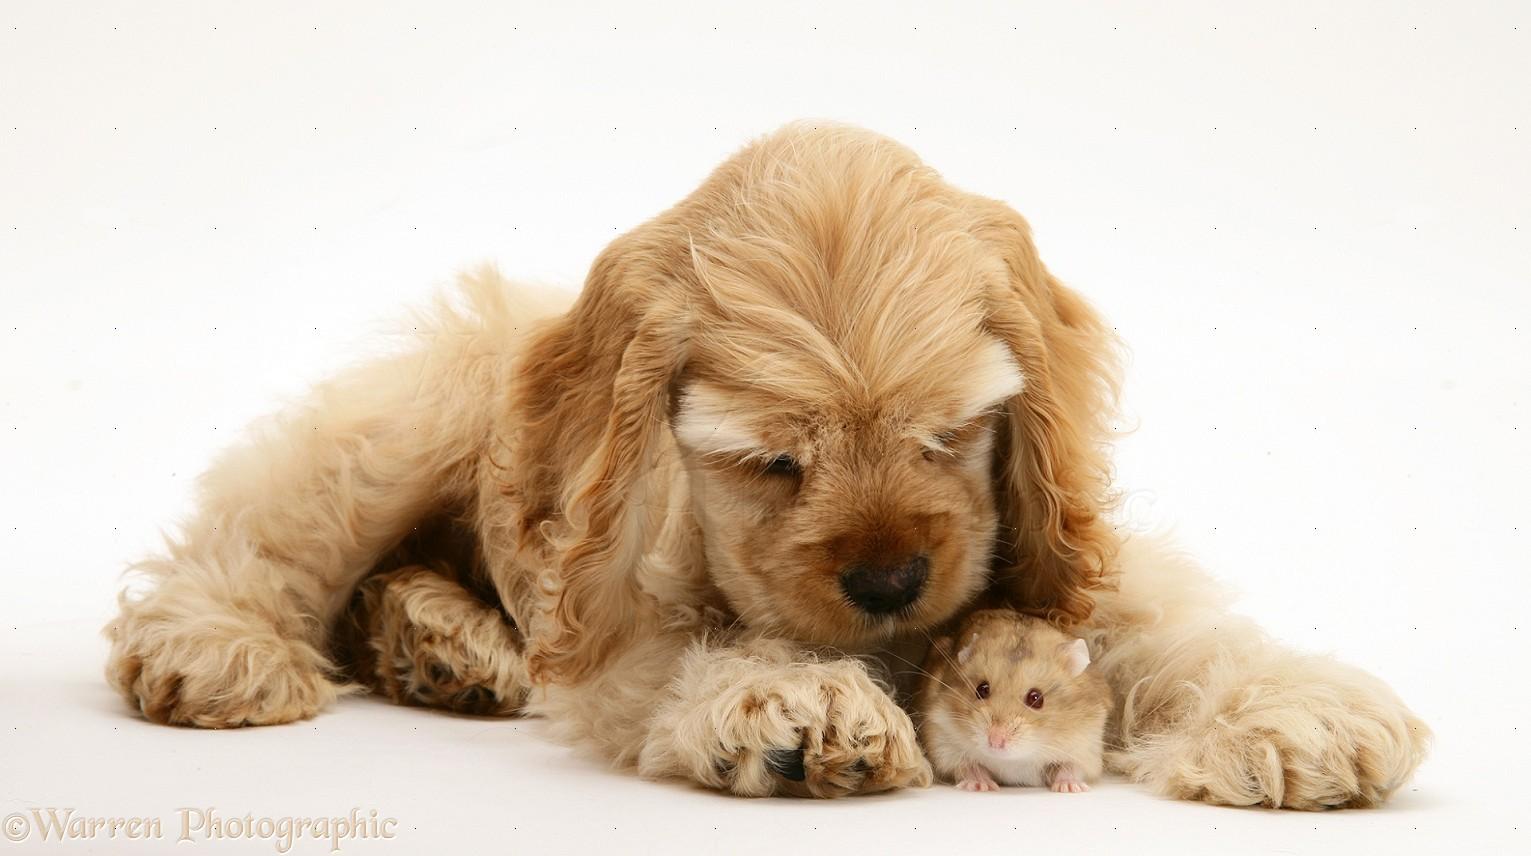 Cute American Cocker Spaniel Puppies: Cute Buff American Cocker Spaniel Pup With Hamster Breed